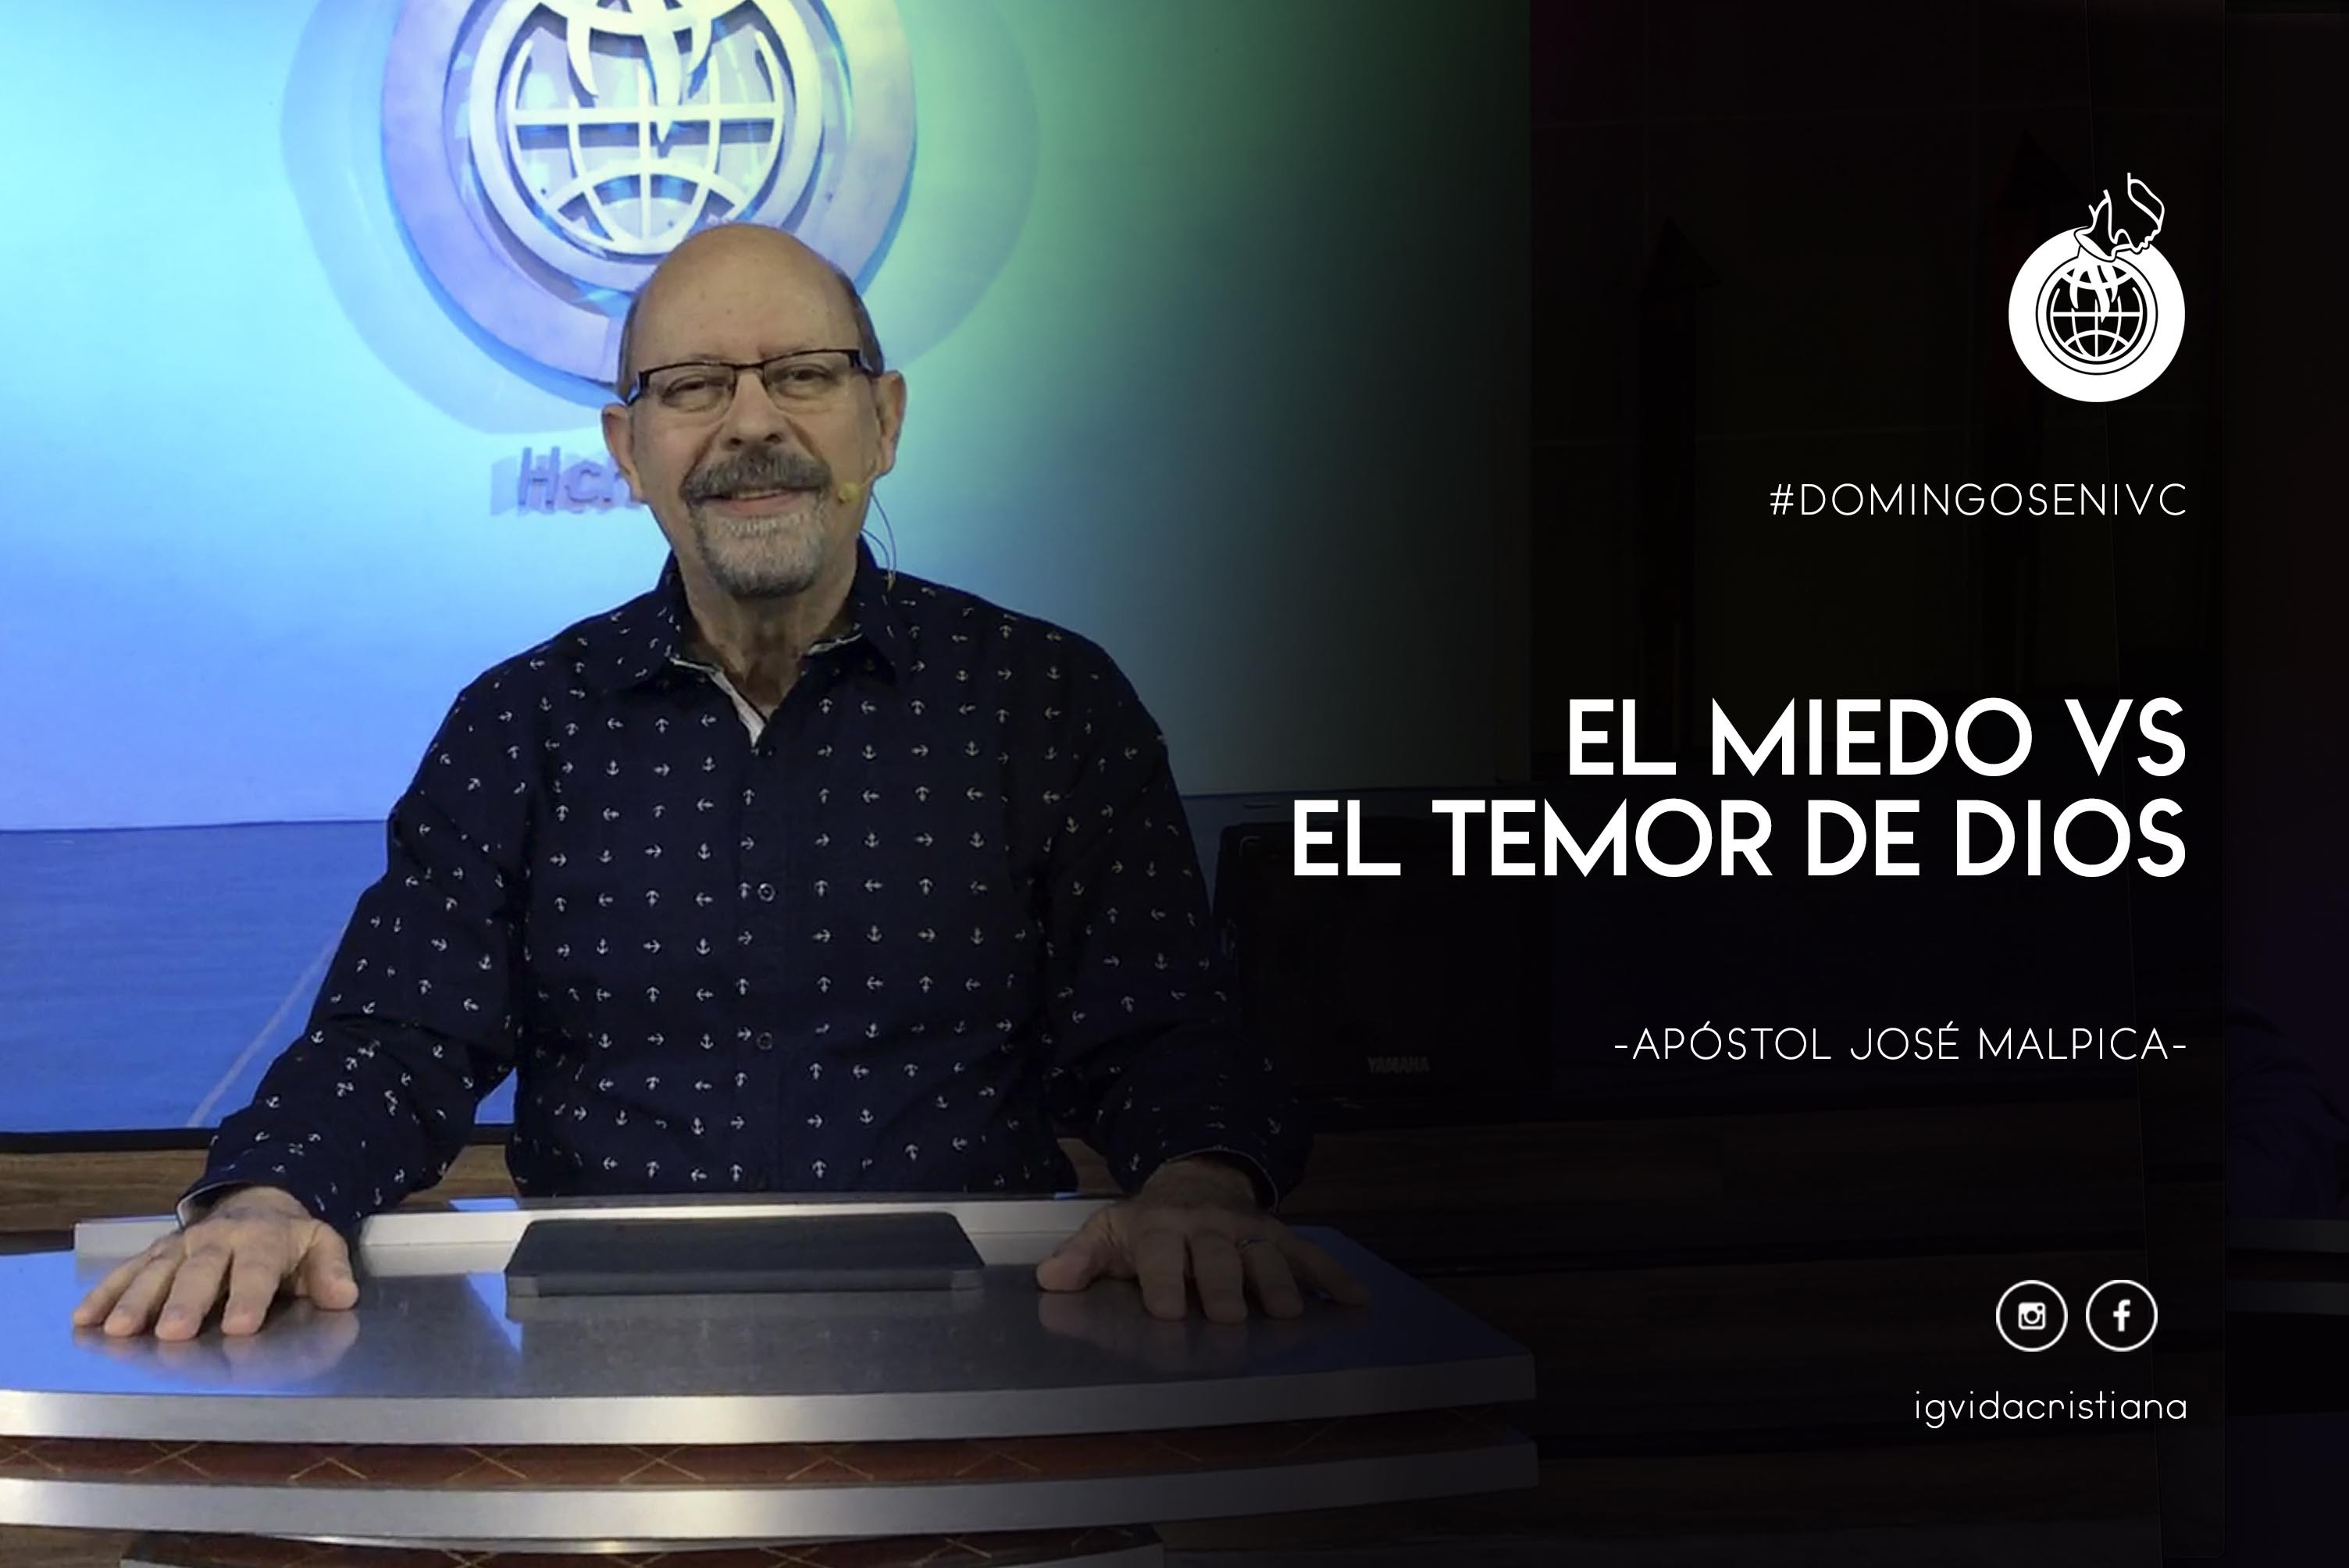 EL MIEDO VS. EL TEMOR DE DIOS